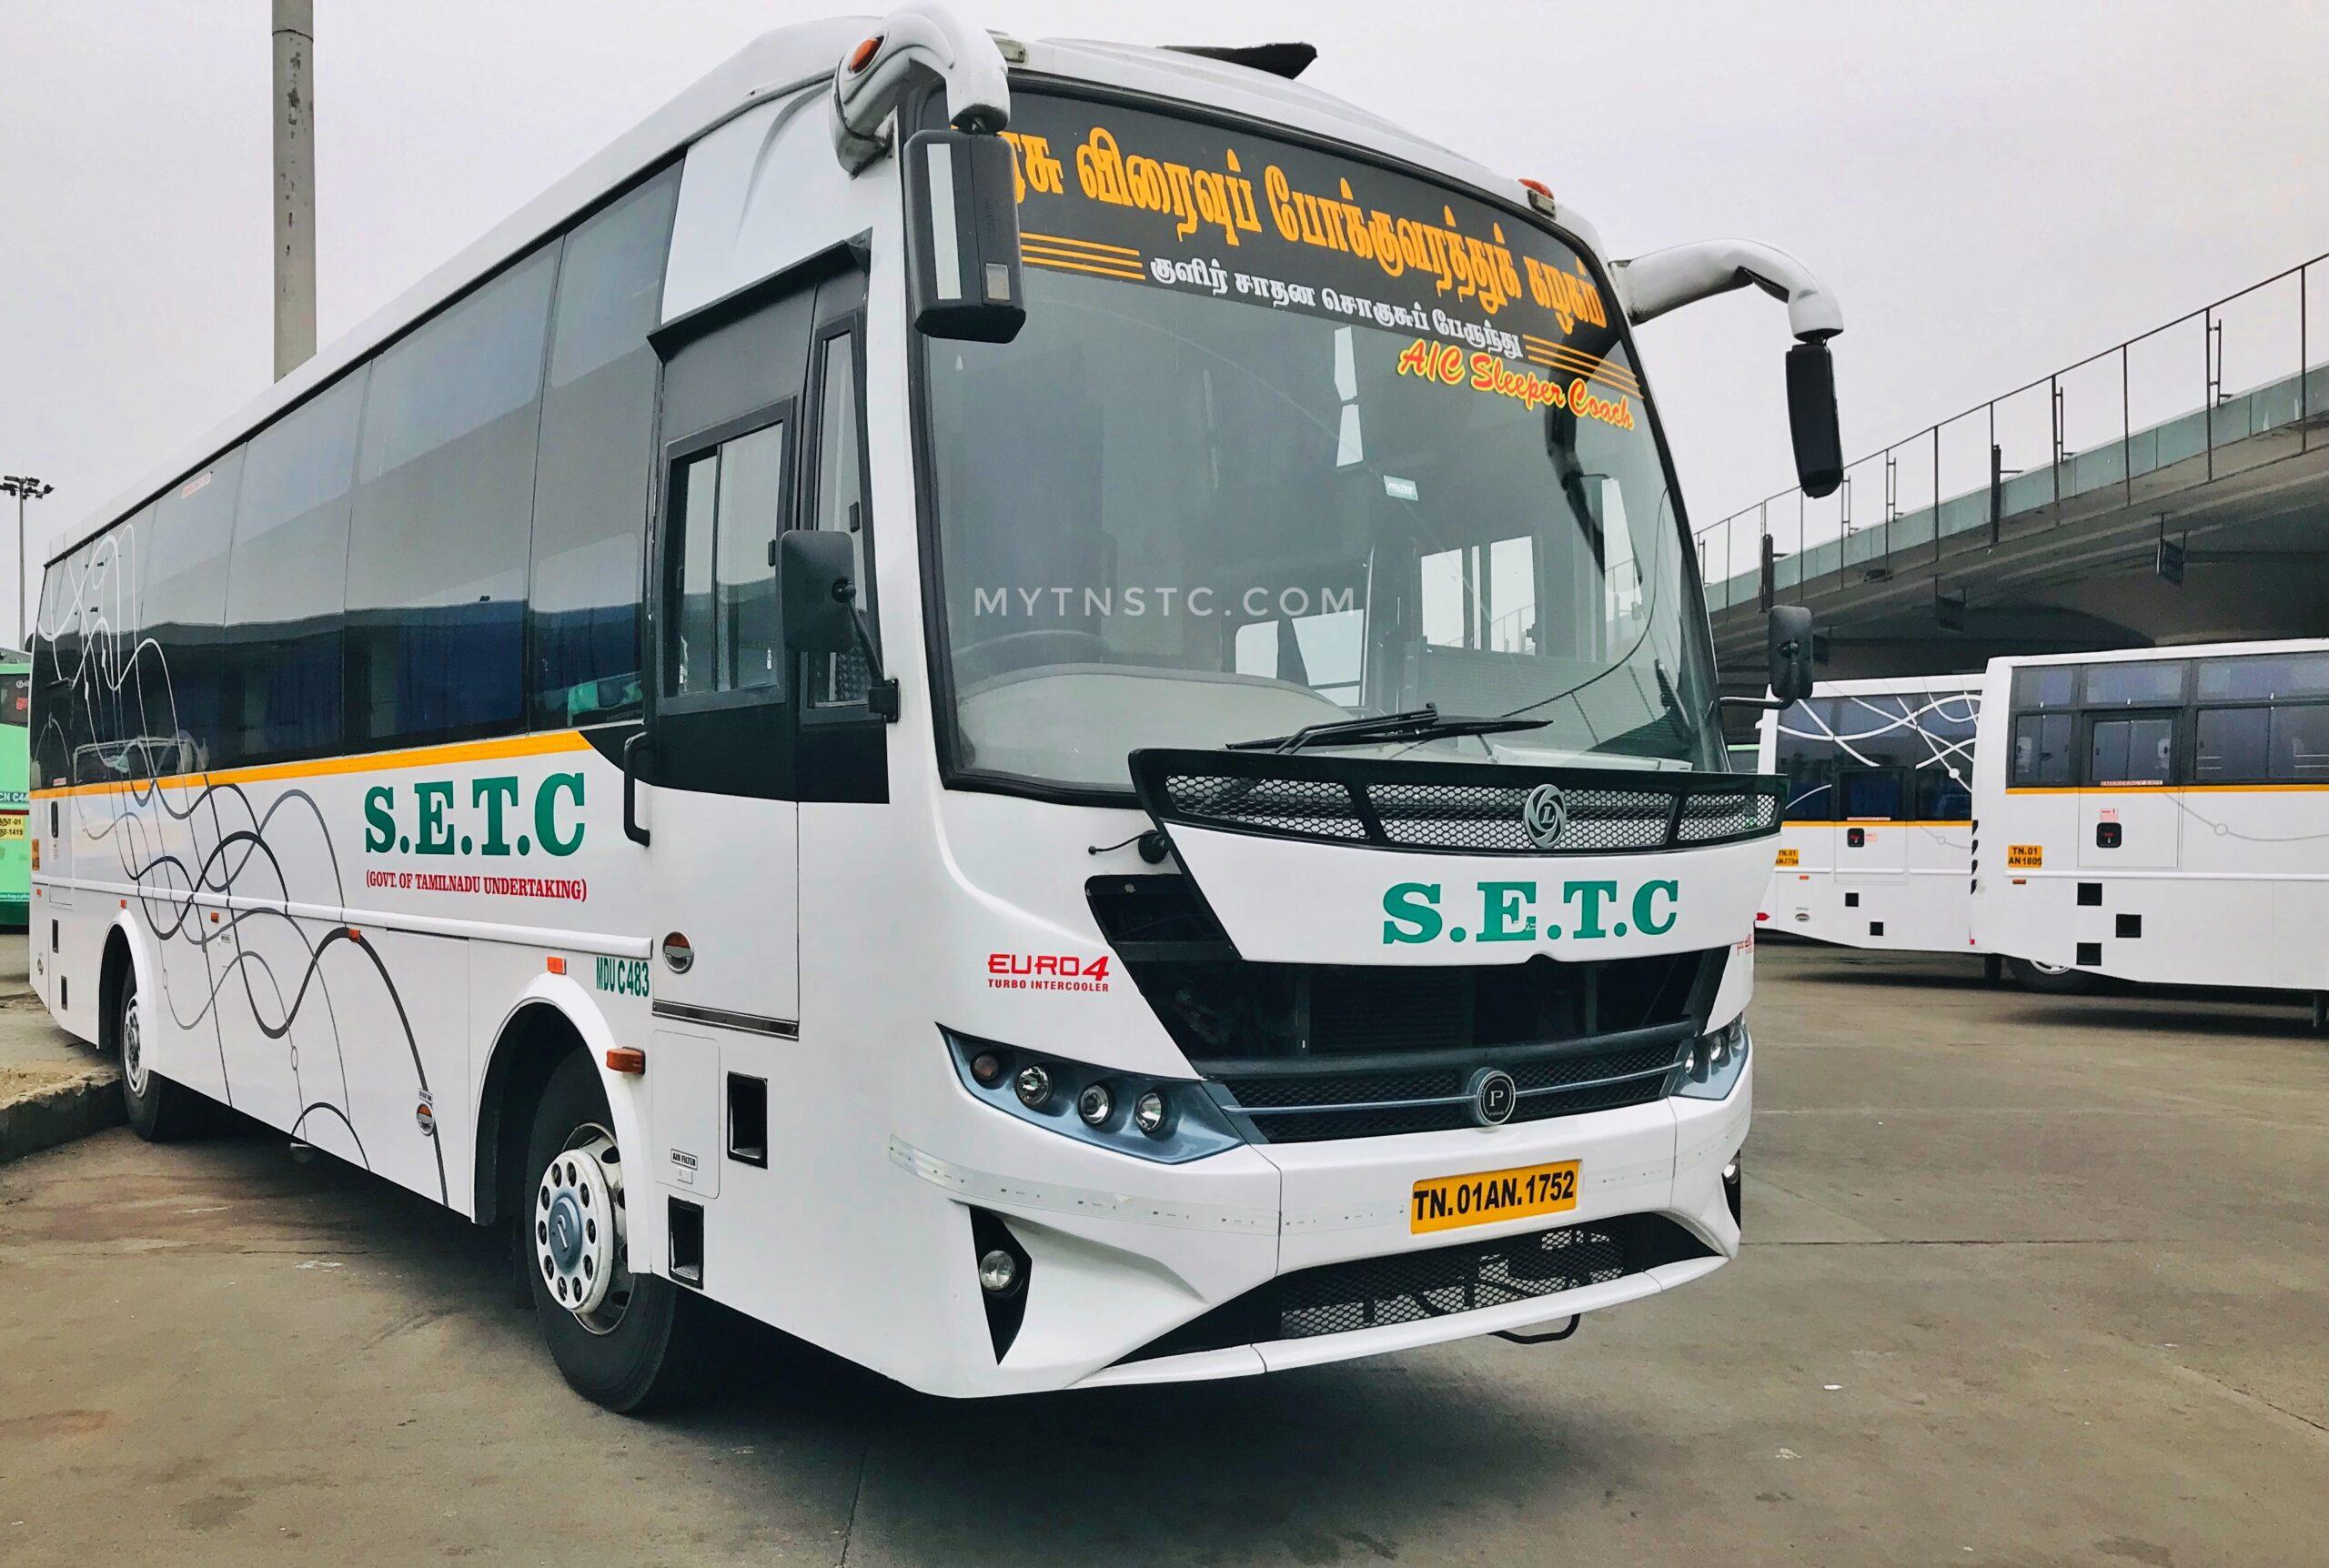 Public Bus Transportation In Tamilnadu Suspended Till 31st August 2020